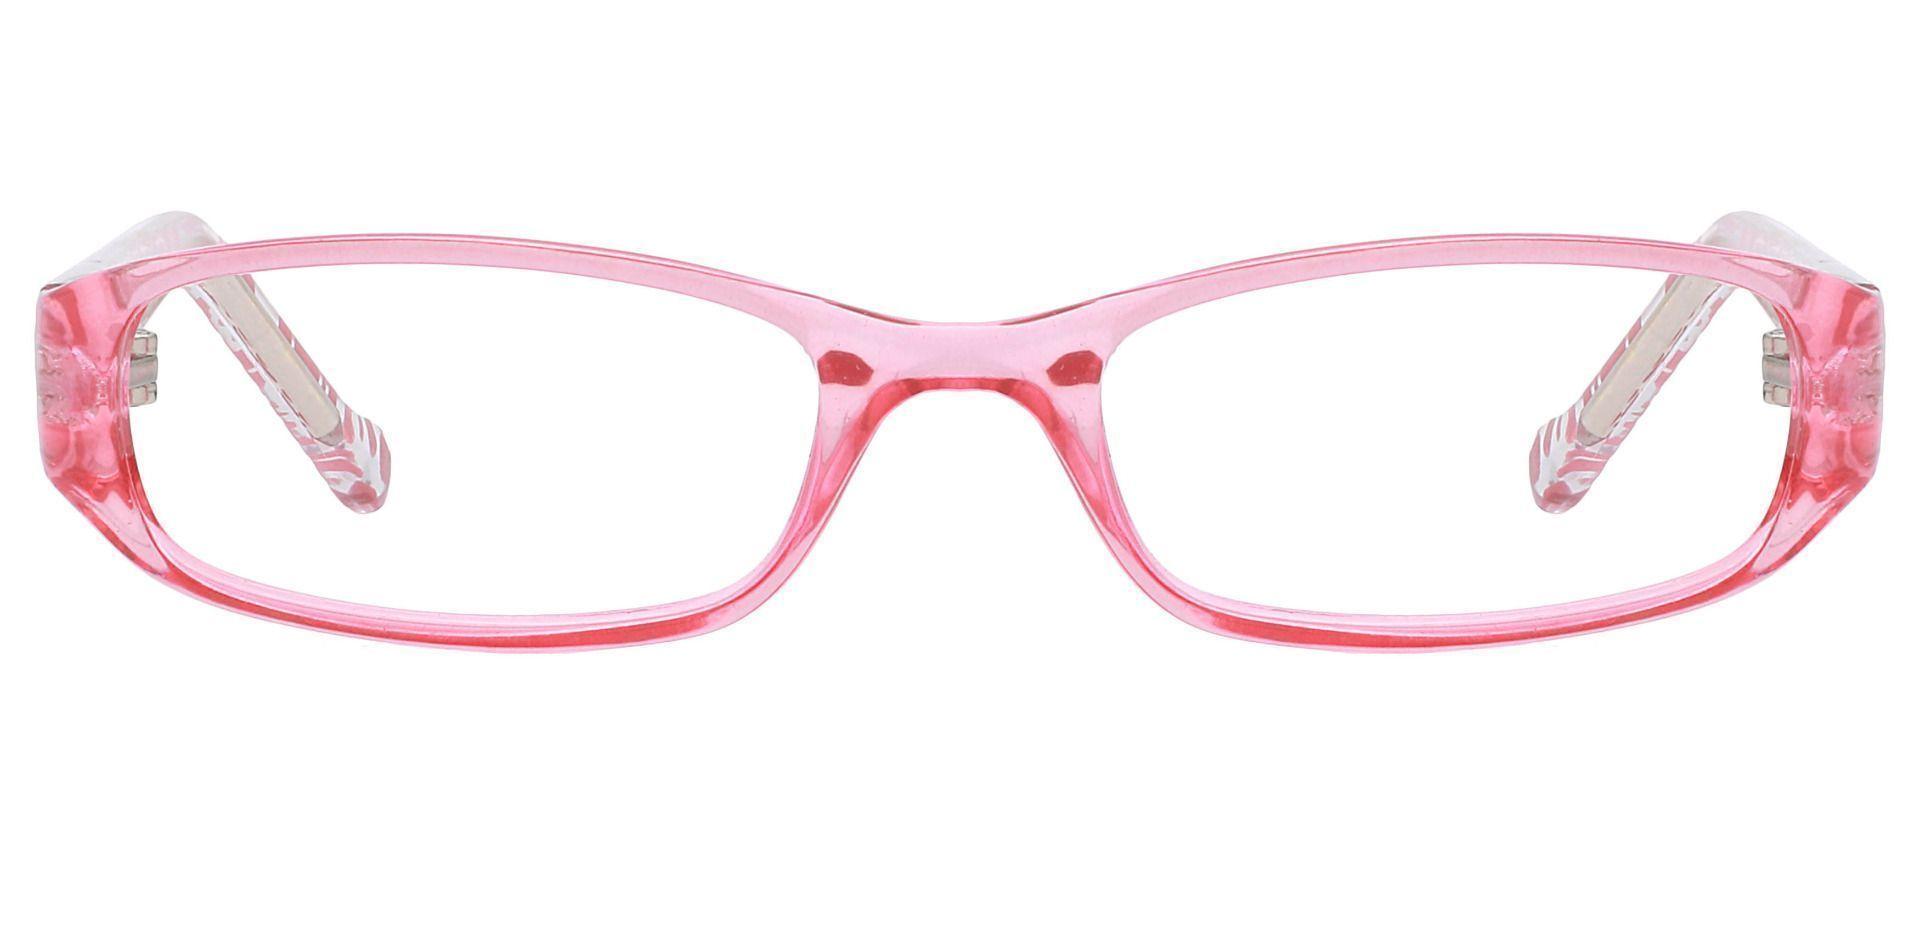 Laurel Rectangle Eyeglasses Frame - Pink